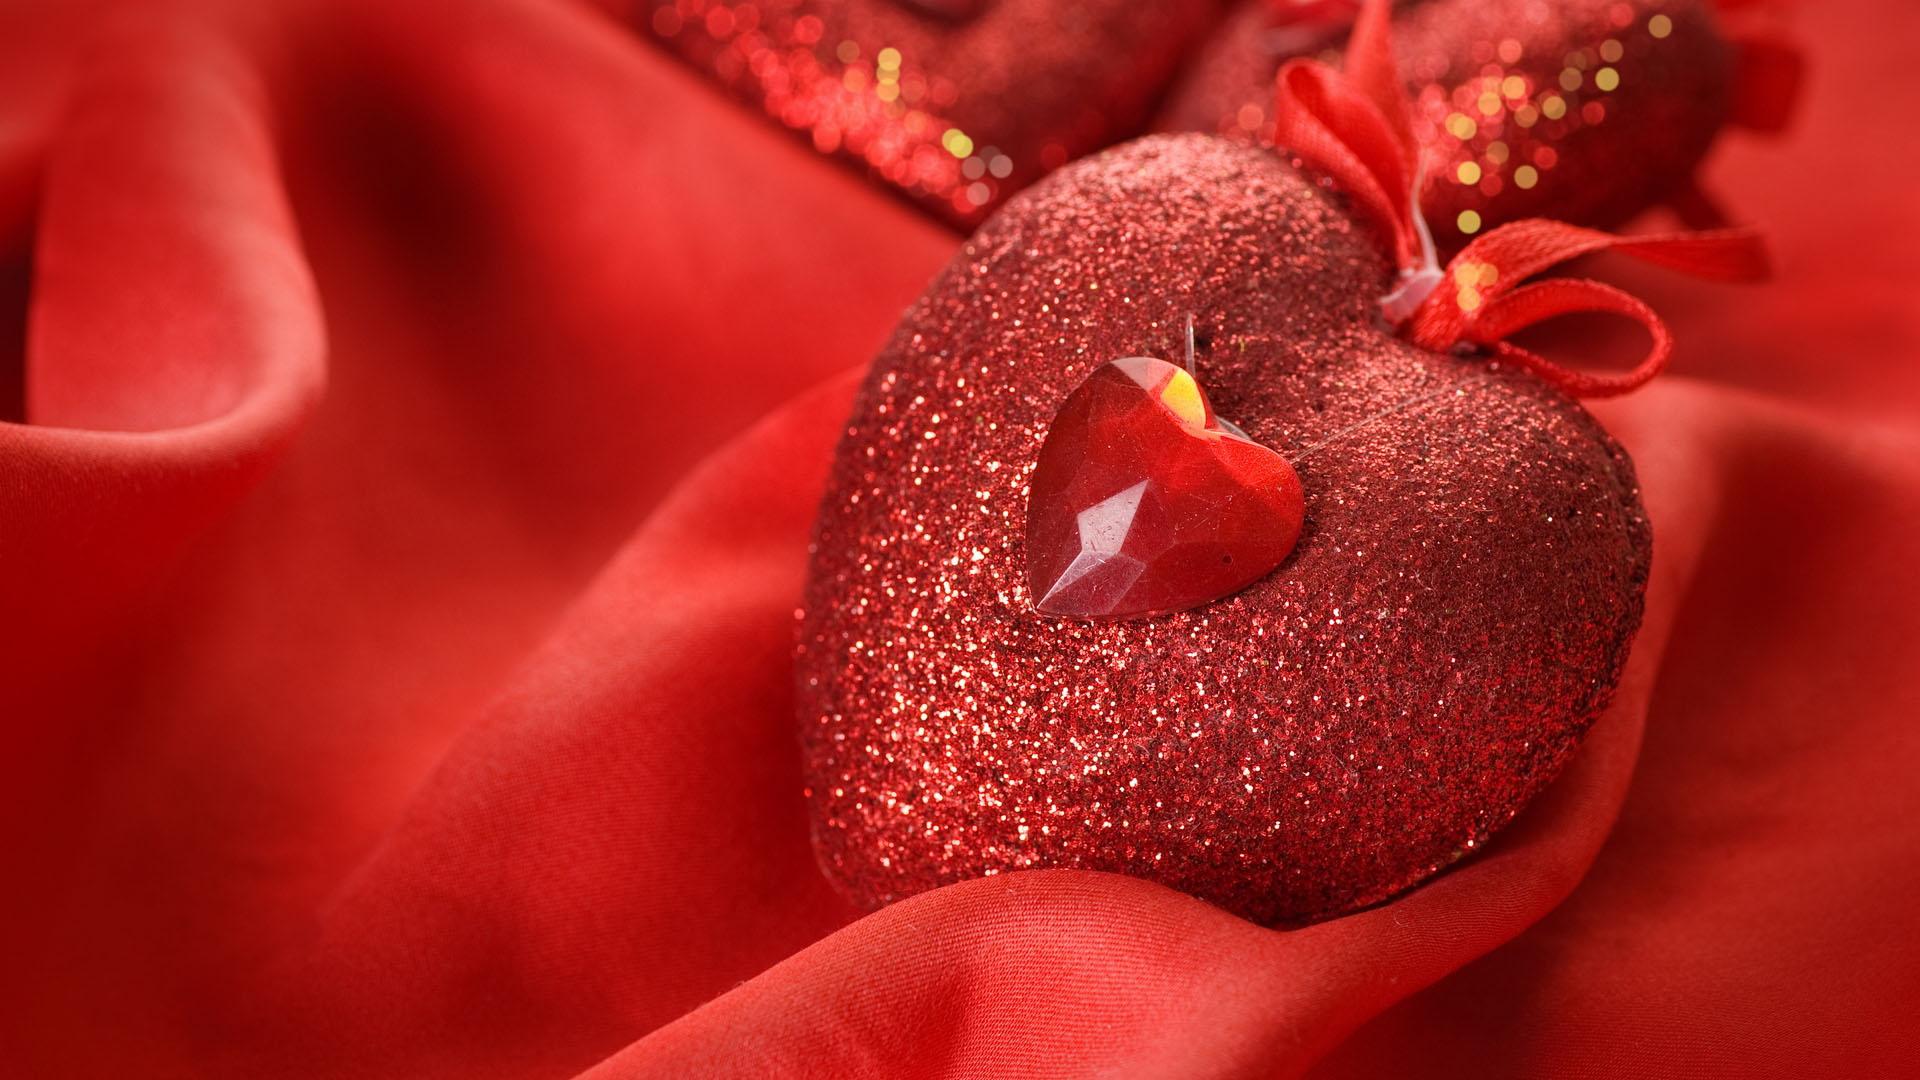 Hình nền trái tim pha lê